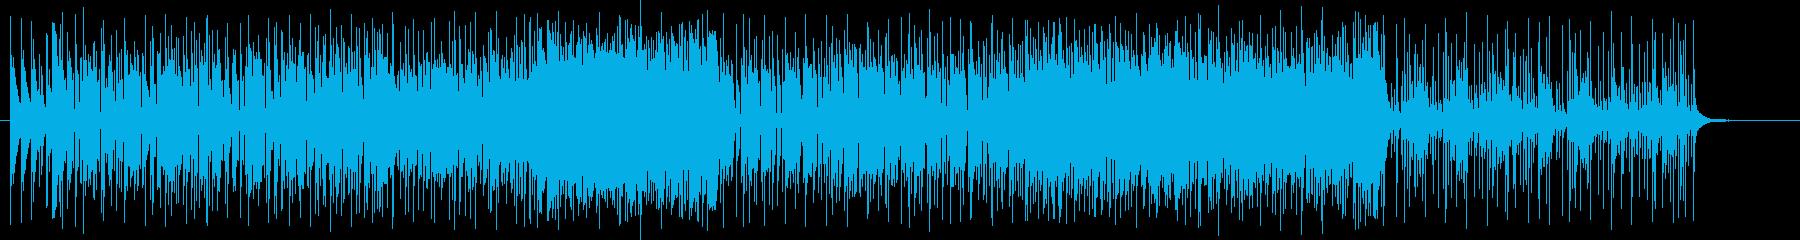 ギターのロックの再生済みの波形